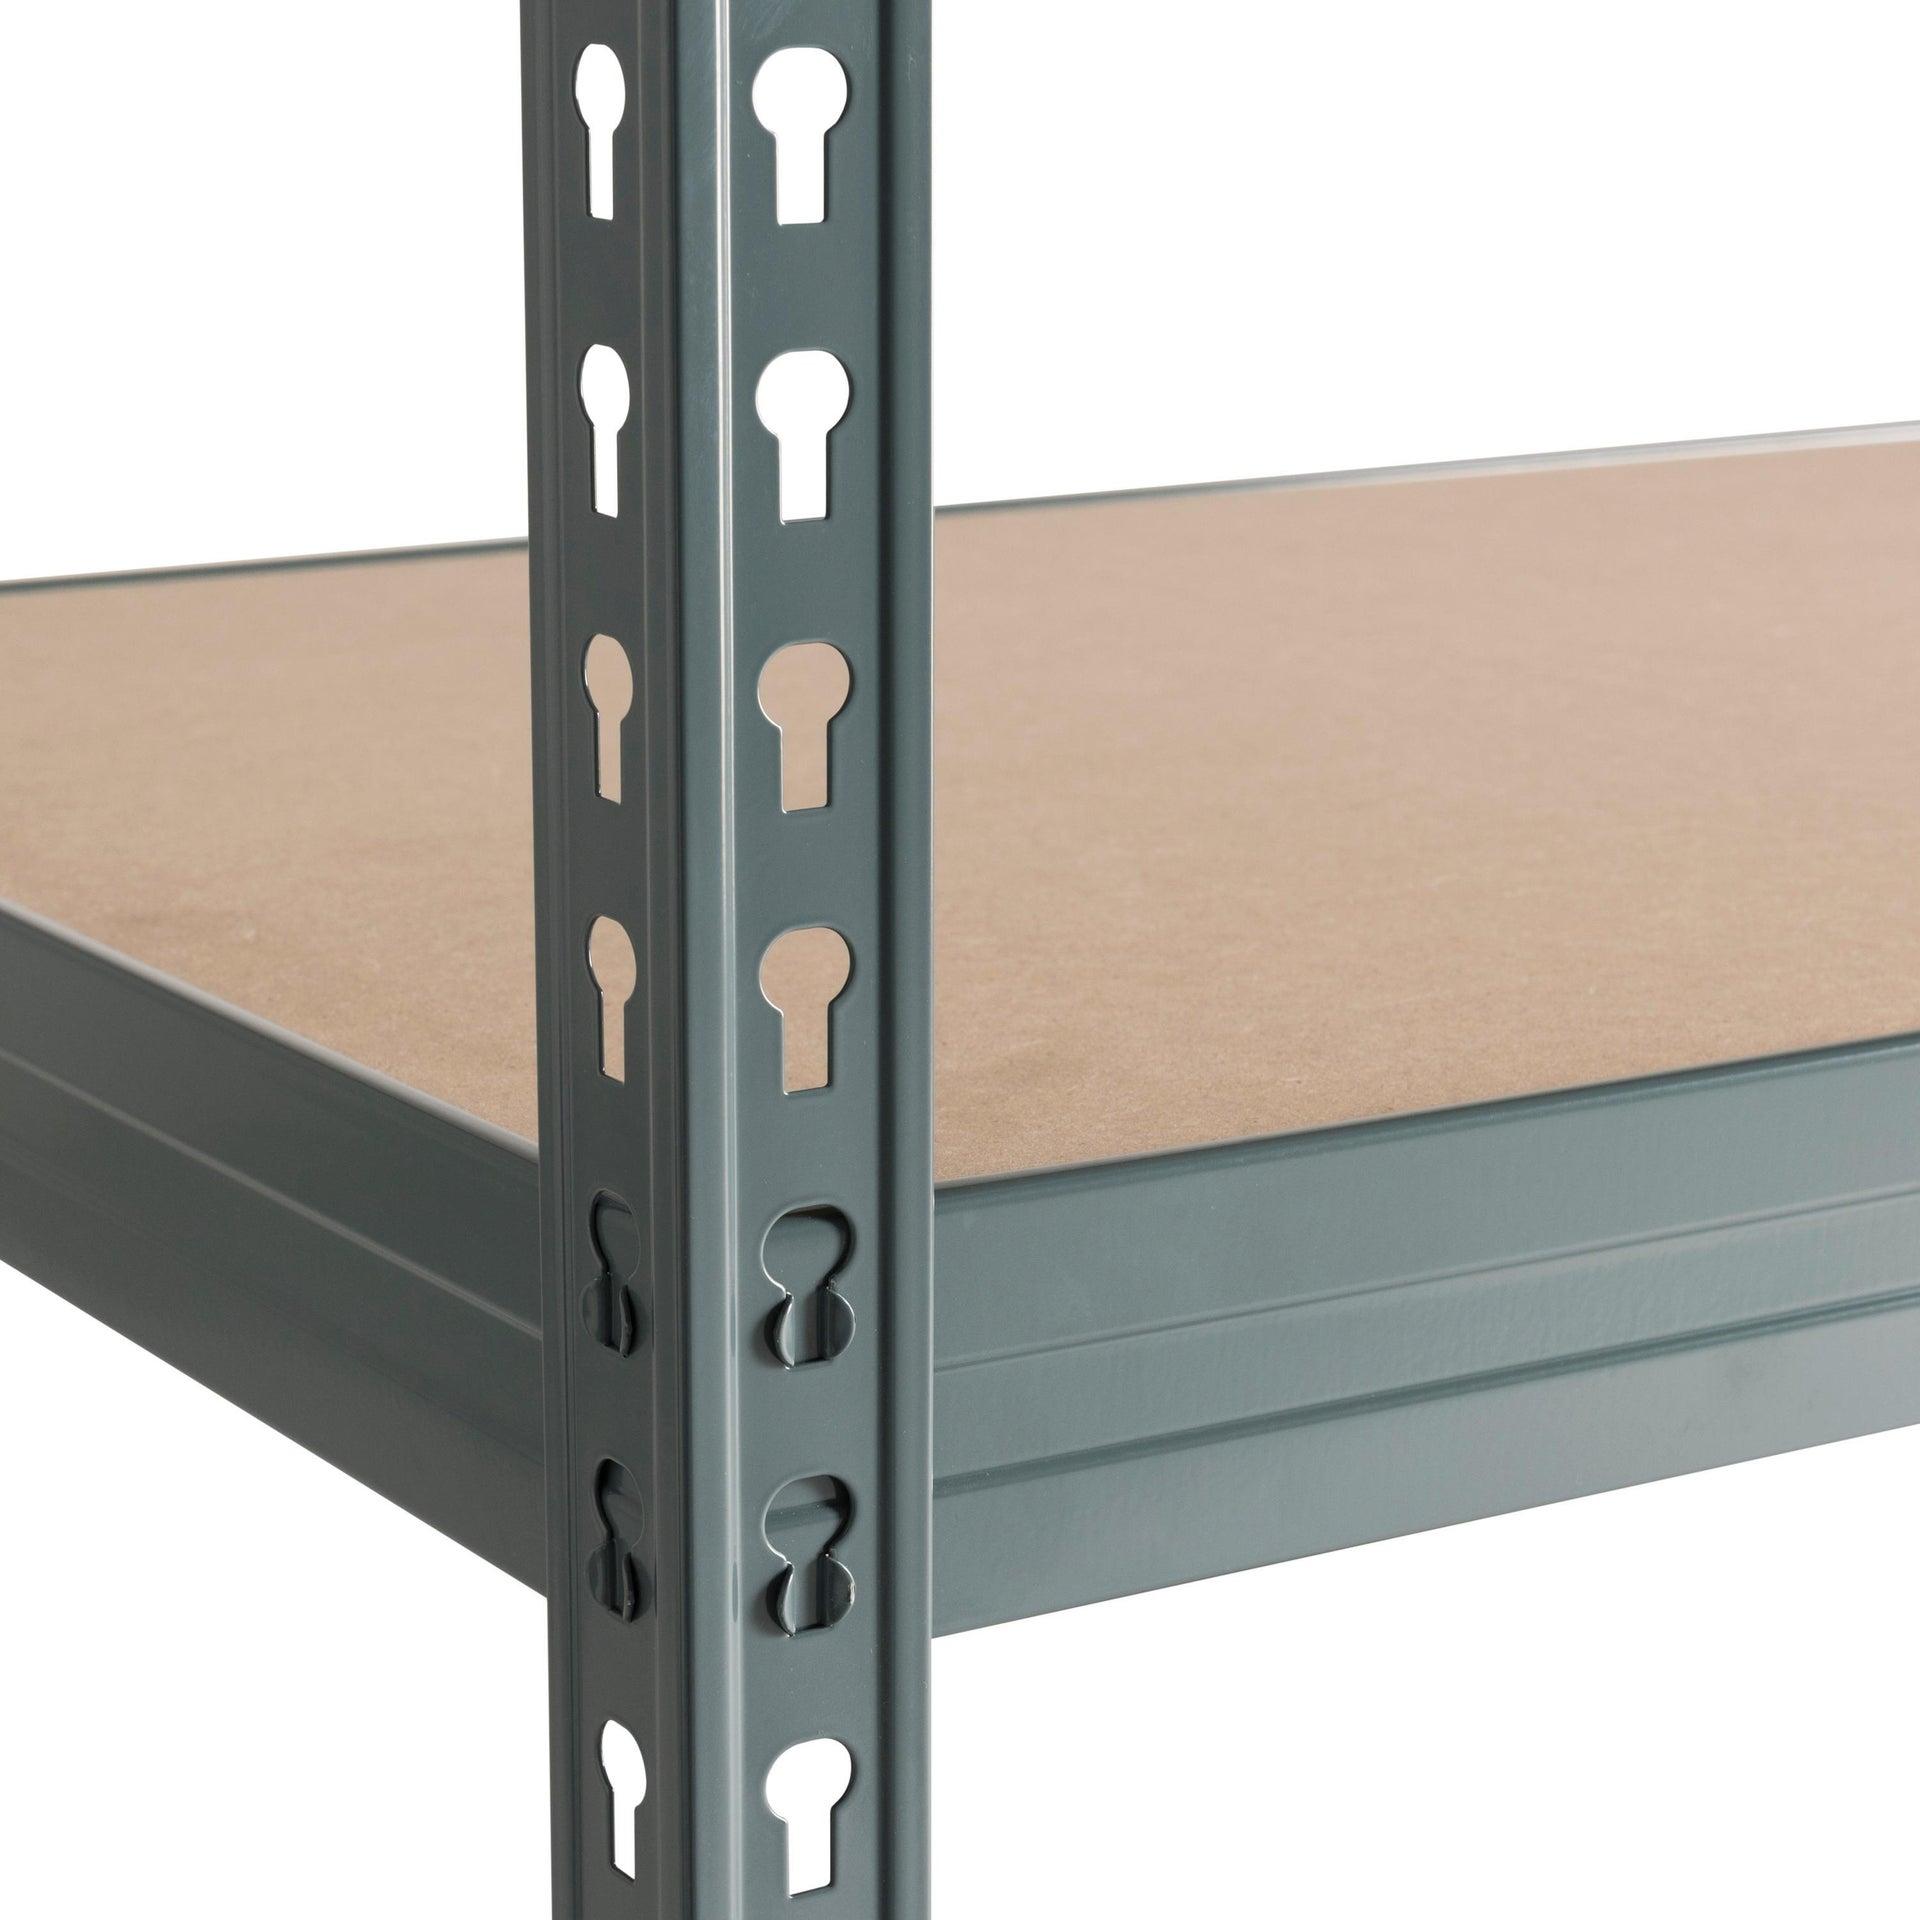 Scaffale in metallo in kit Spaceo L 150 x P 60 x H 190 cm grigio antracite - 14